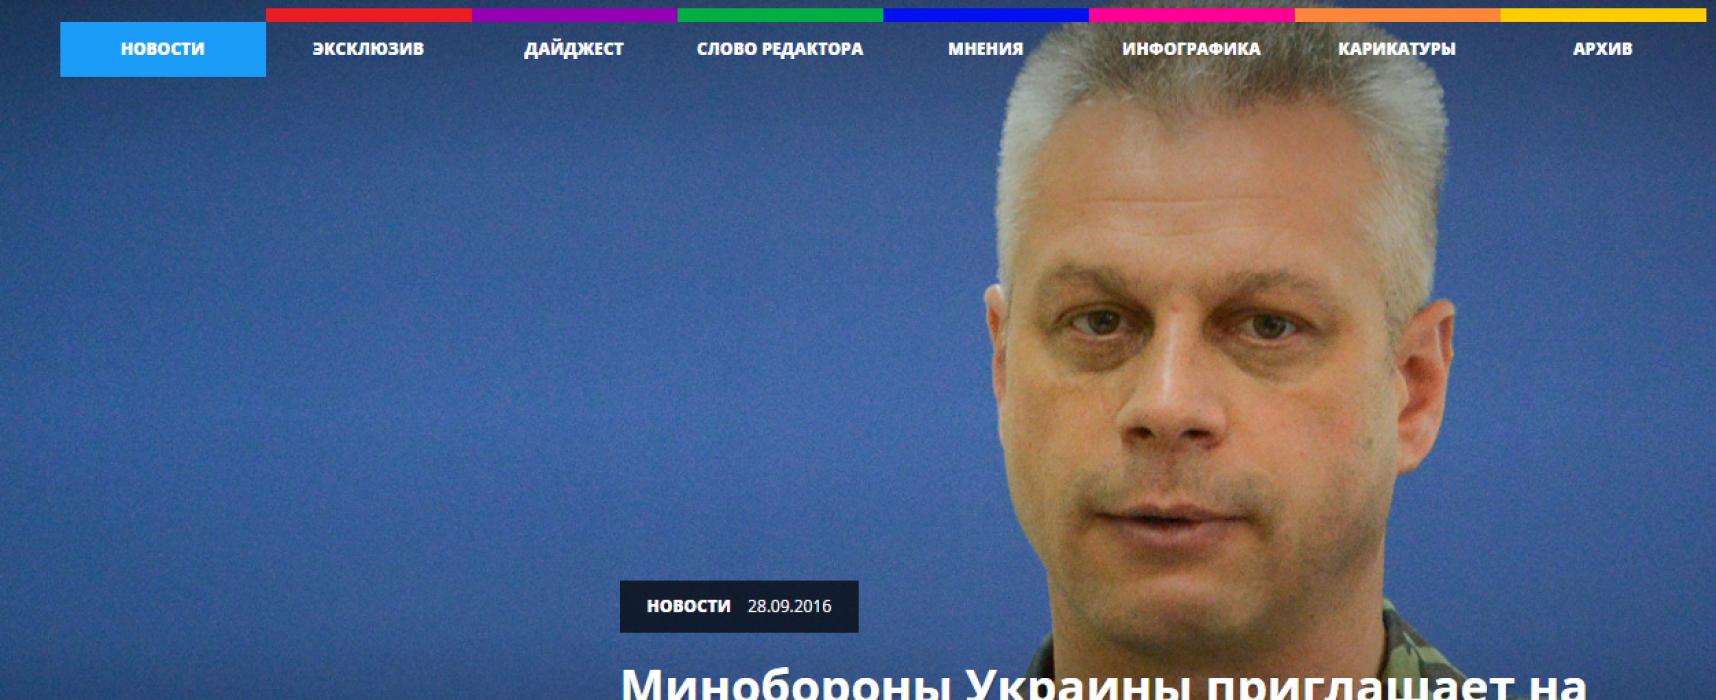 """Fals: Ministerul Apărării al Ucrainei invită la serviciu combatanți din """"RPD"""" și """"RPL"""""""